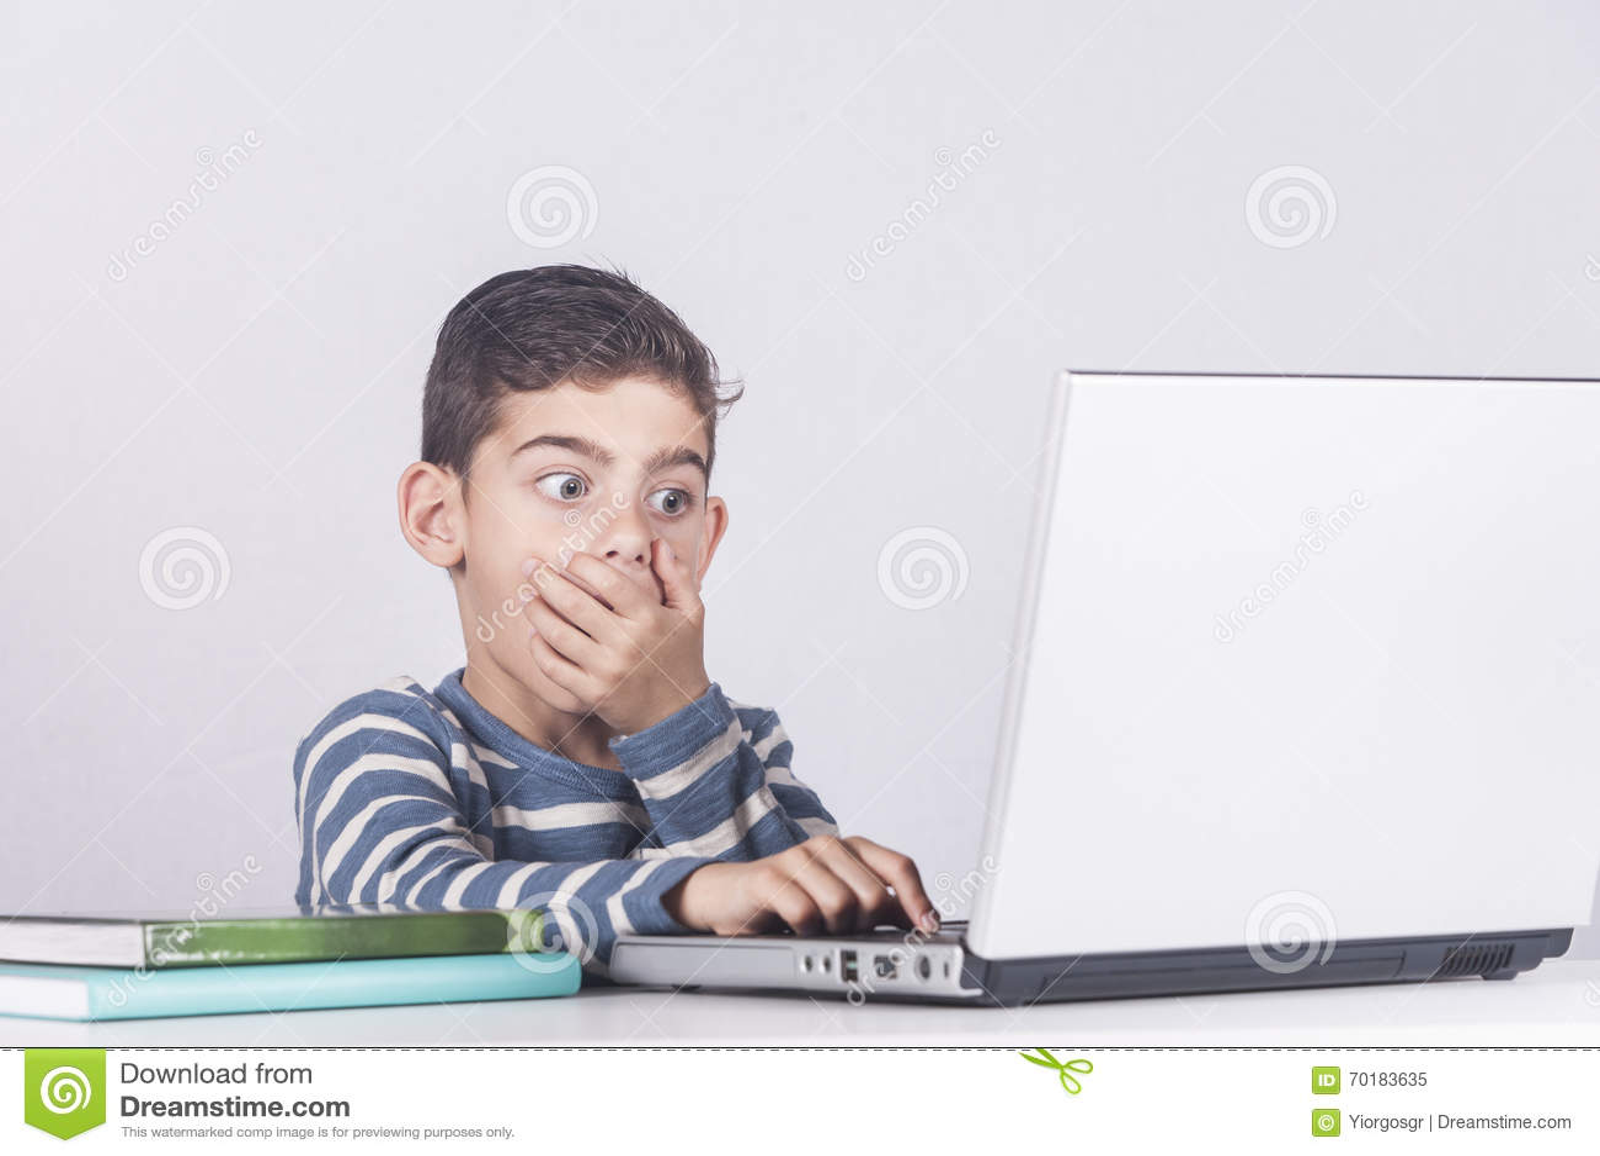 年轻男孩起反应,当使用膝上型计算机时